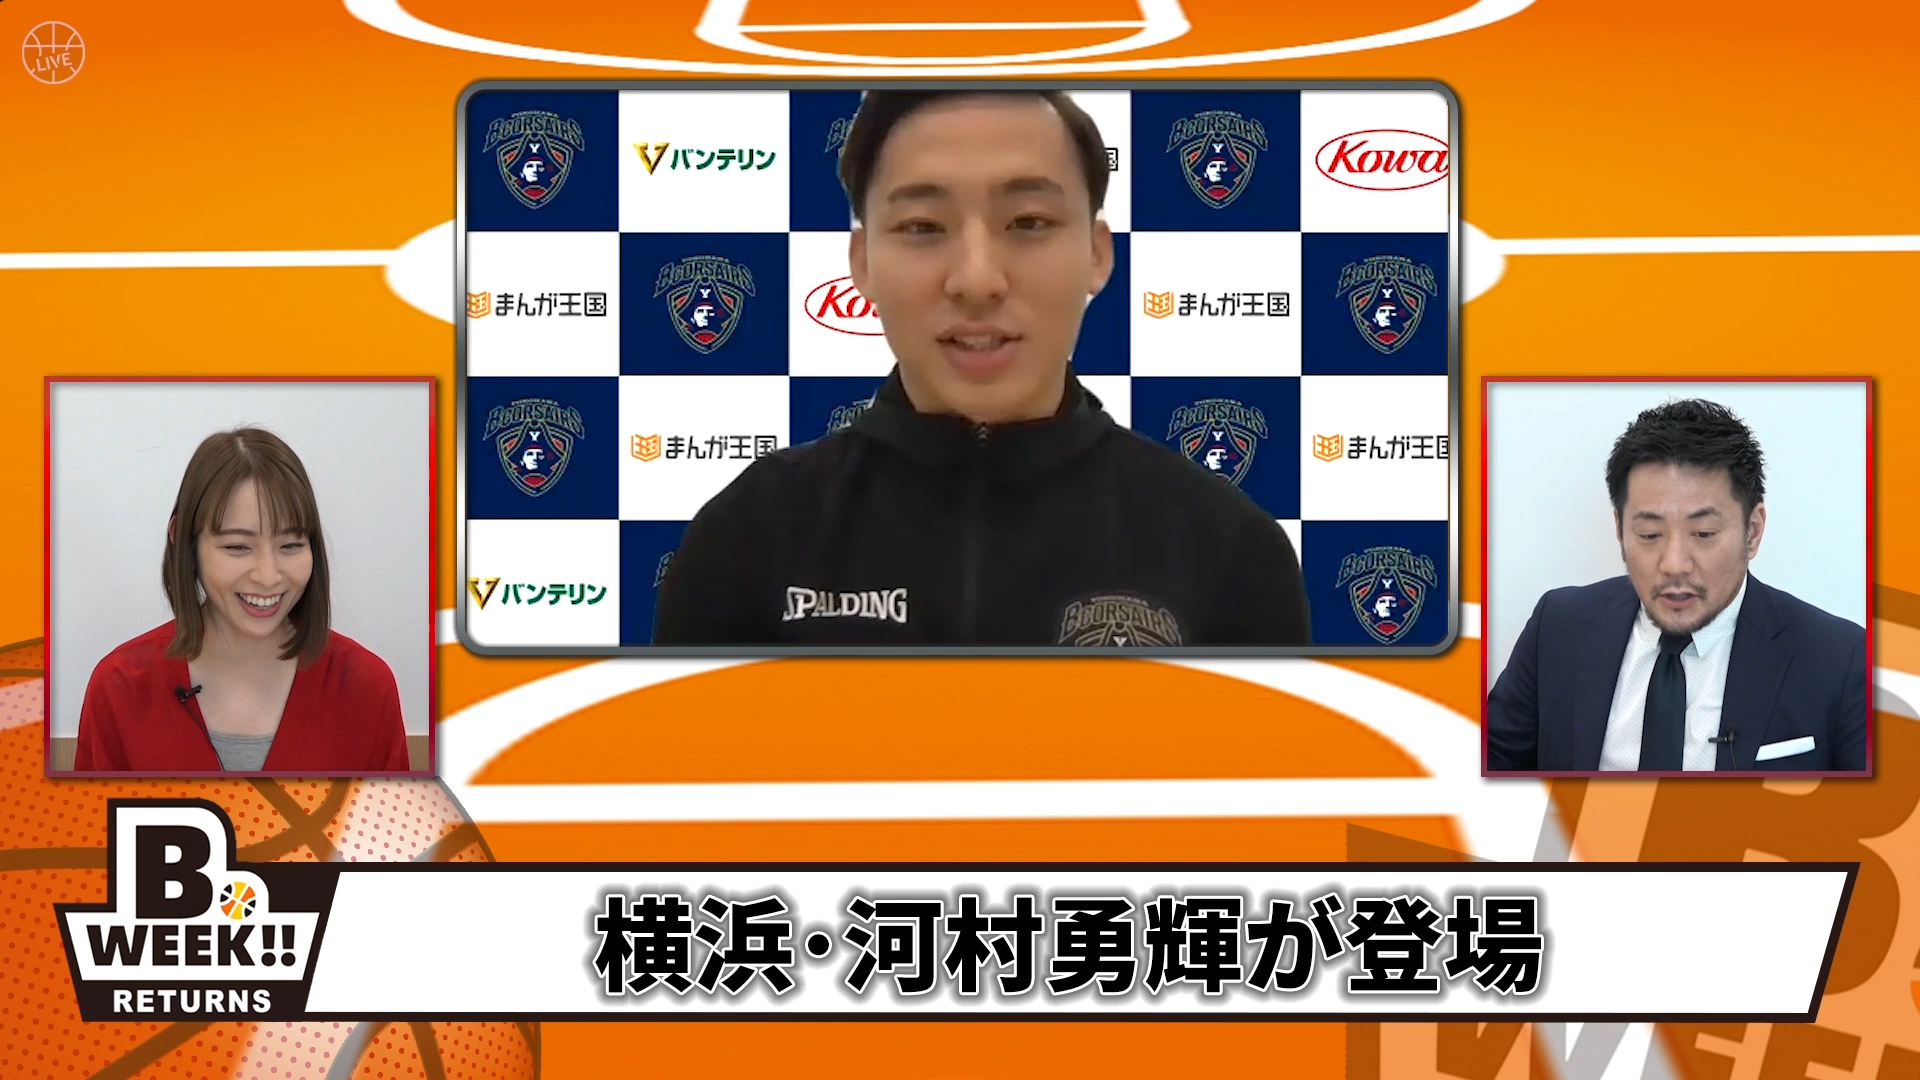 【バスケ】河村勇輝に直撃!「色んなバスケを学んでいきたい」<B.WEEK!!リターンズ>